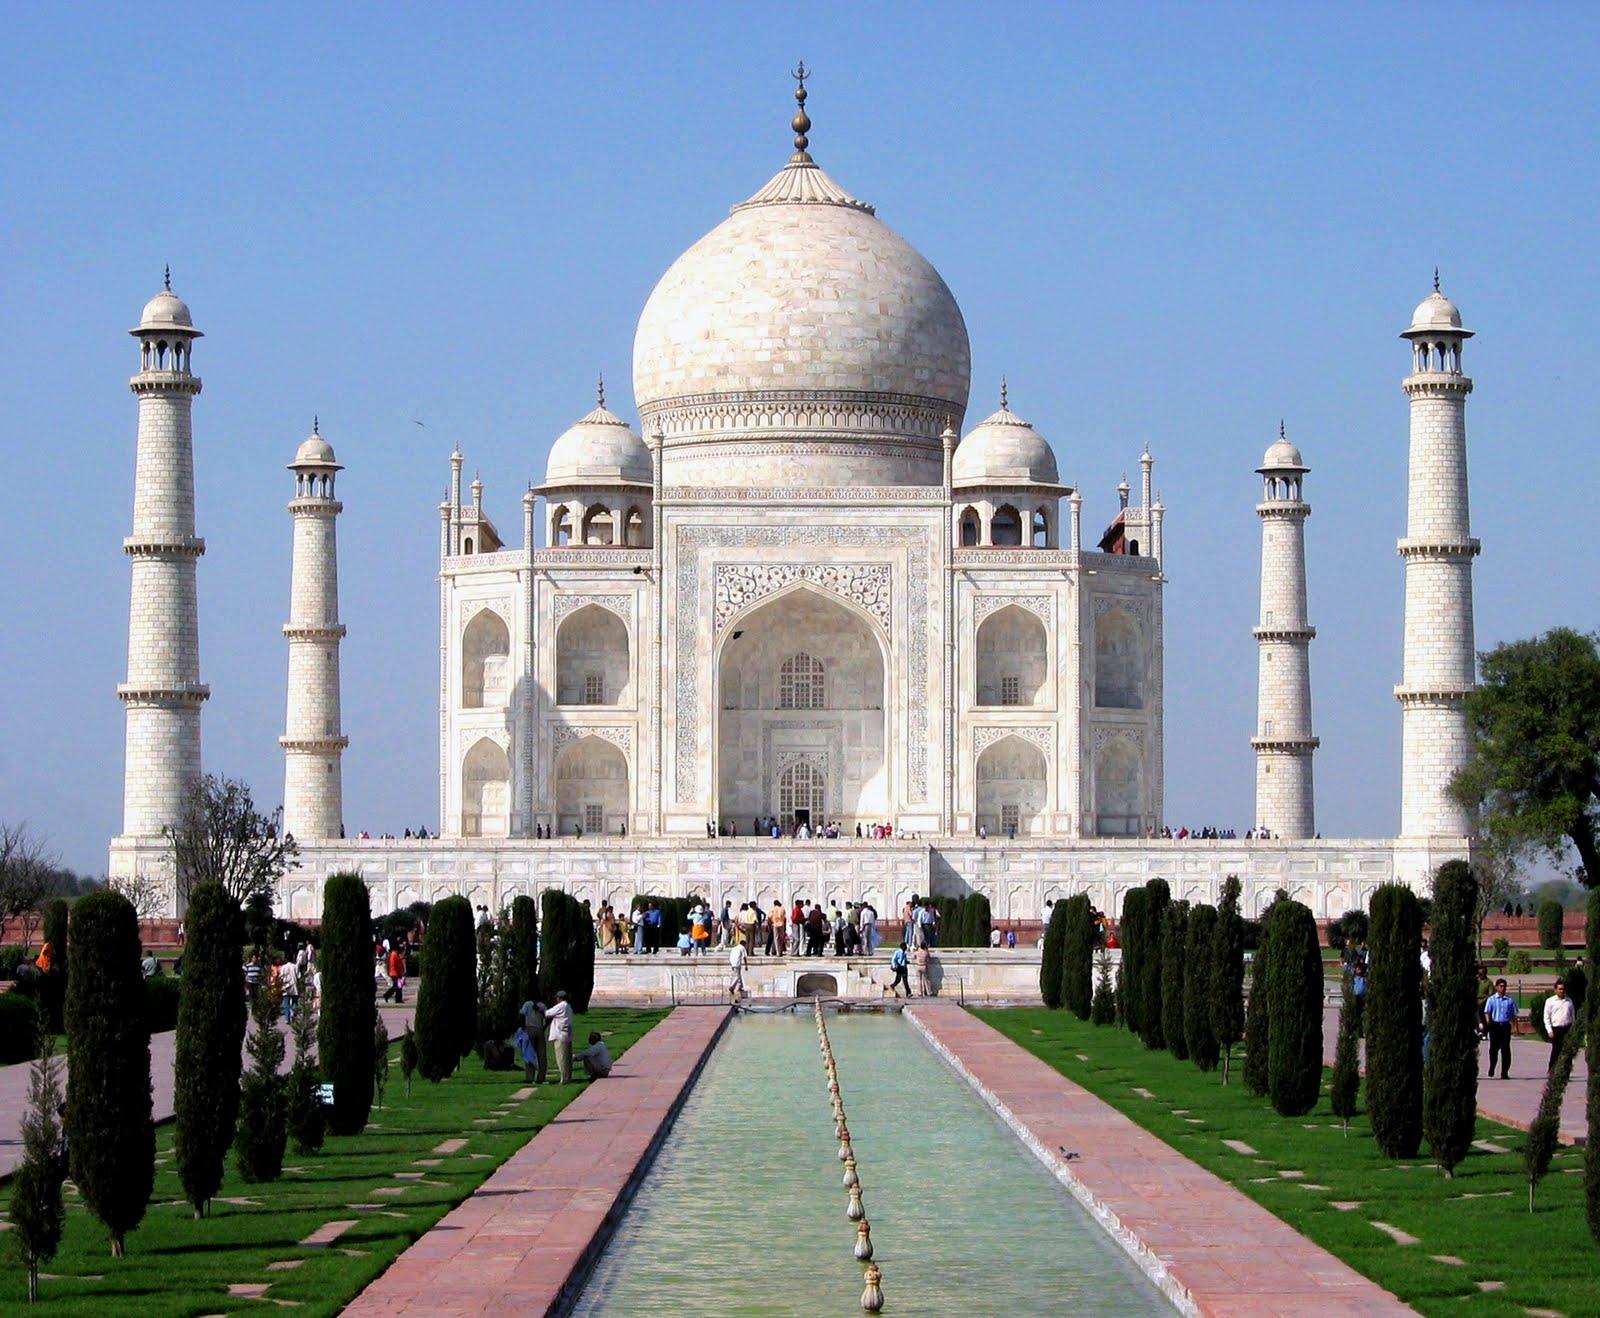 LUGARES EMBLEMÁTICOS DEL MUNDO Taj+Mahal+%25284%2529